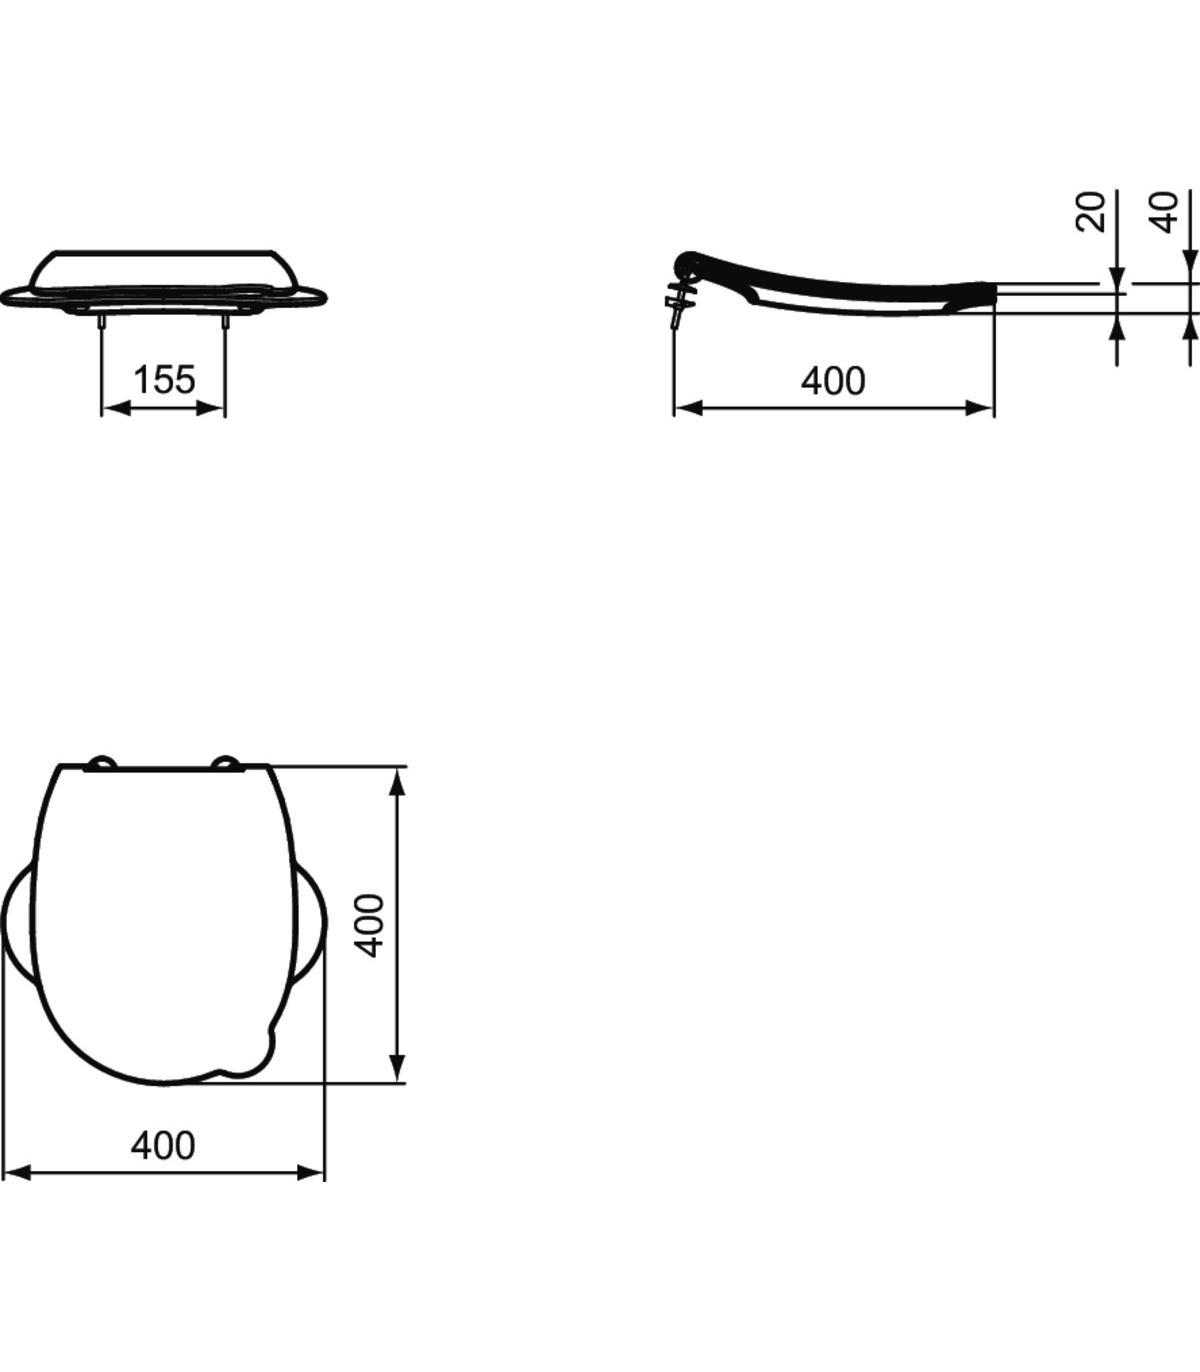 Griglia portasapone per doccia rettangolare inda hotellerie - Inda portasapone ...